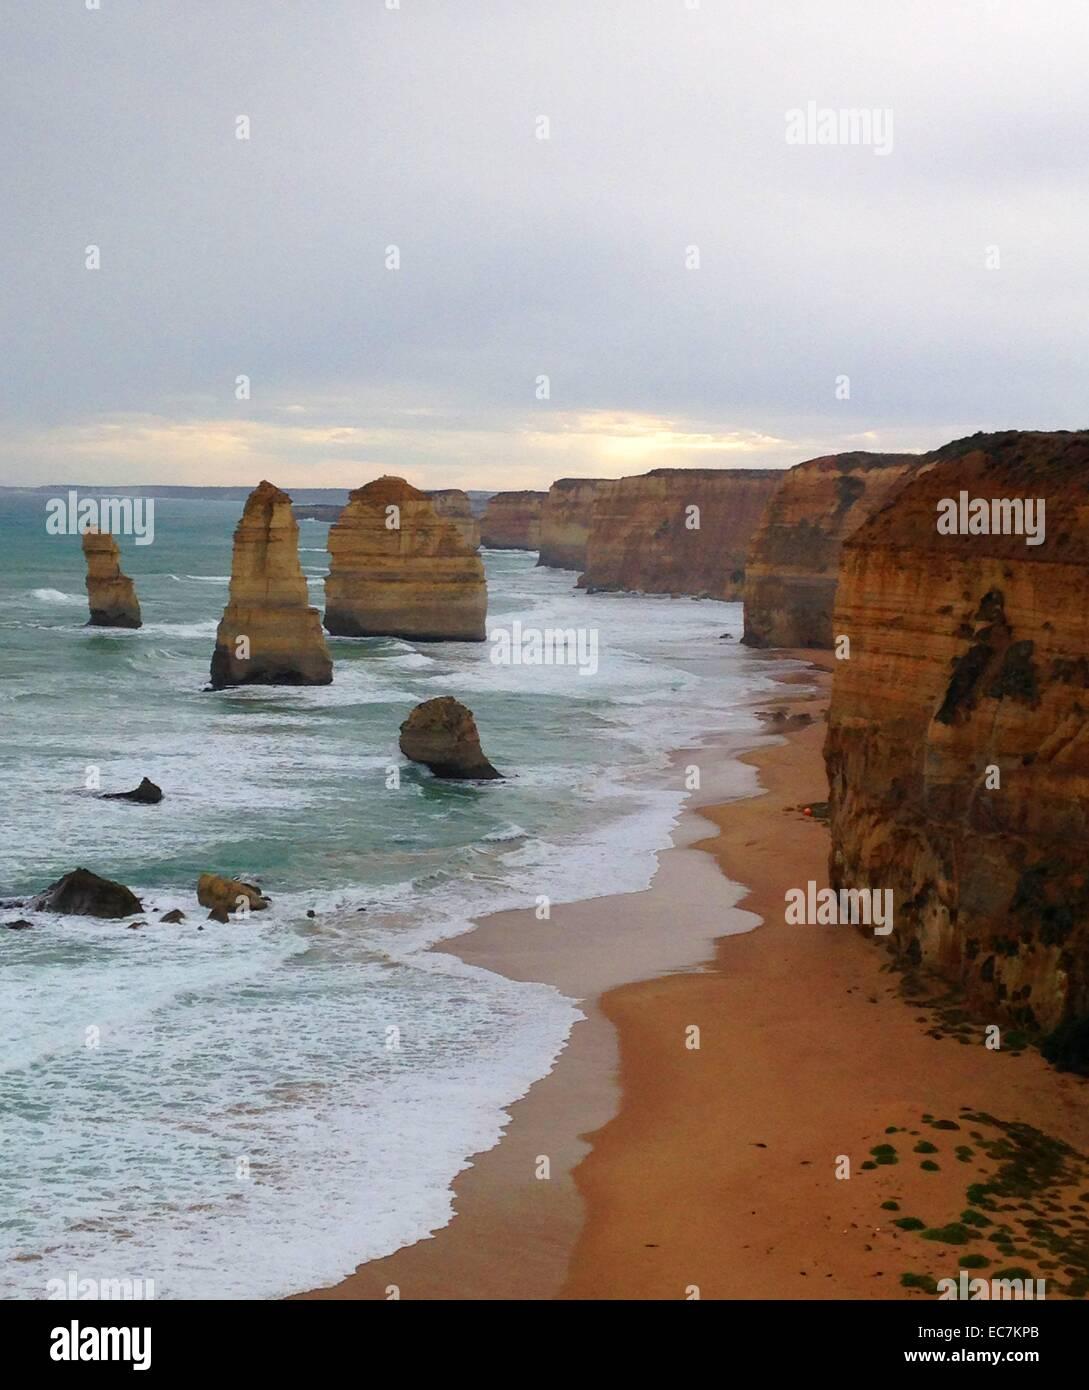 Douze Apôtres, Great Ocean Road, Victoria, sur la côte Est de l'Australie, l'océan Pacifique Photo Stock